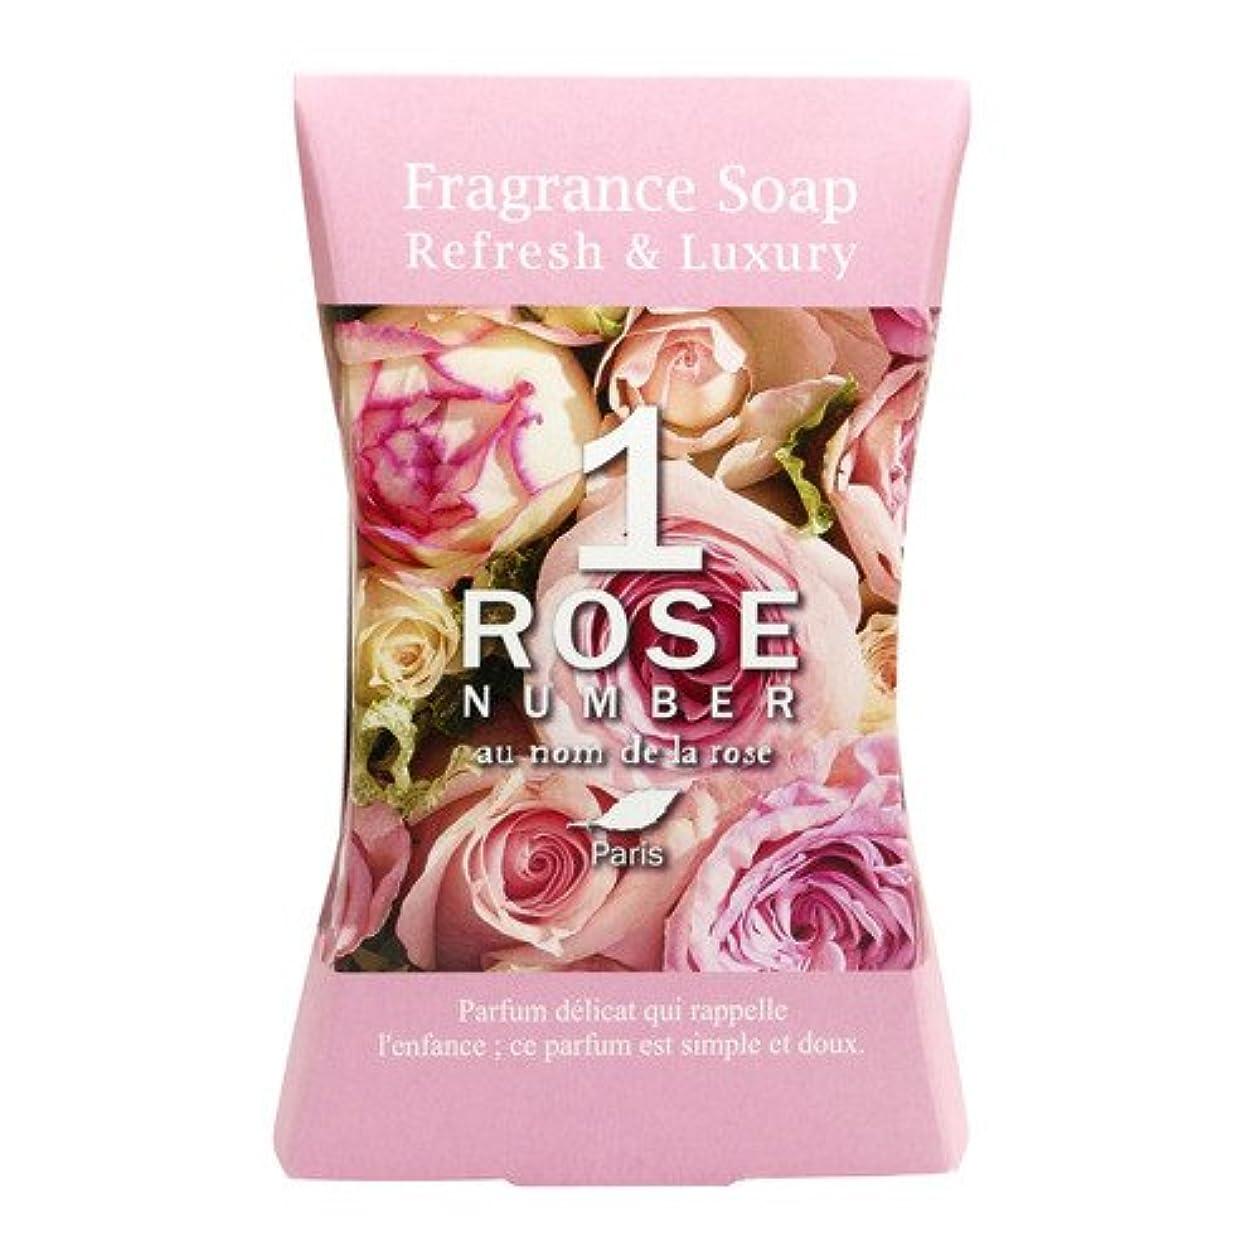 取り除く成人期最も遠いROSE NUMBER ソープバー NO1 ピュアなバラの香り (100g)